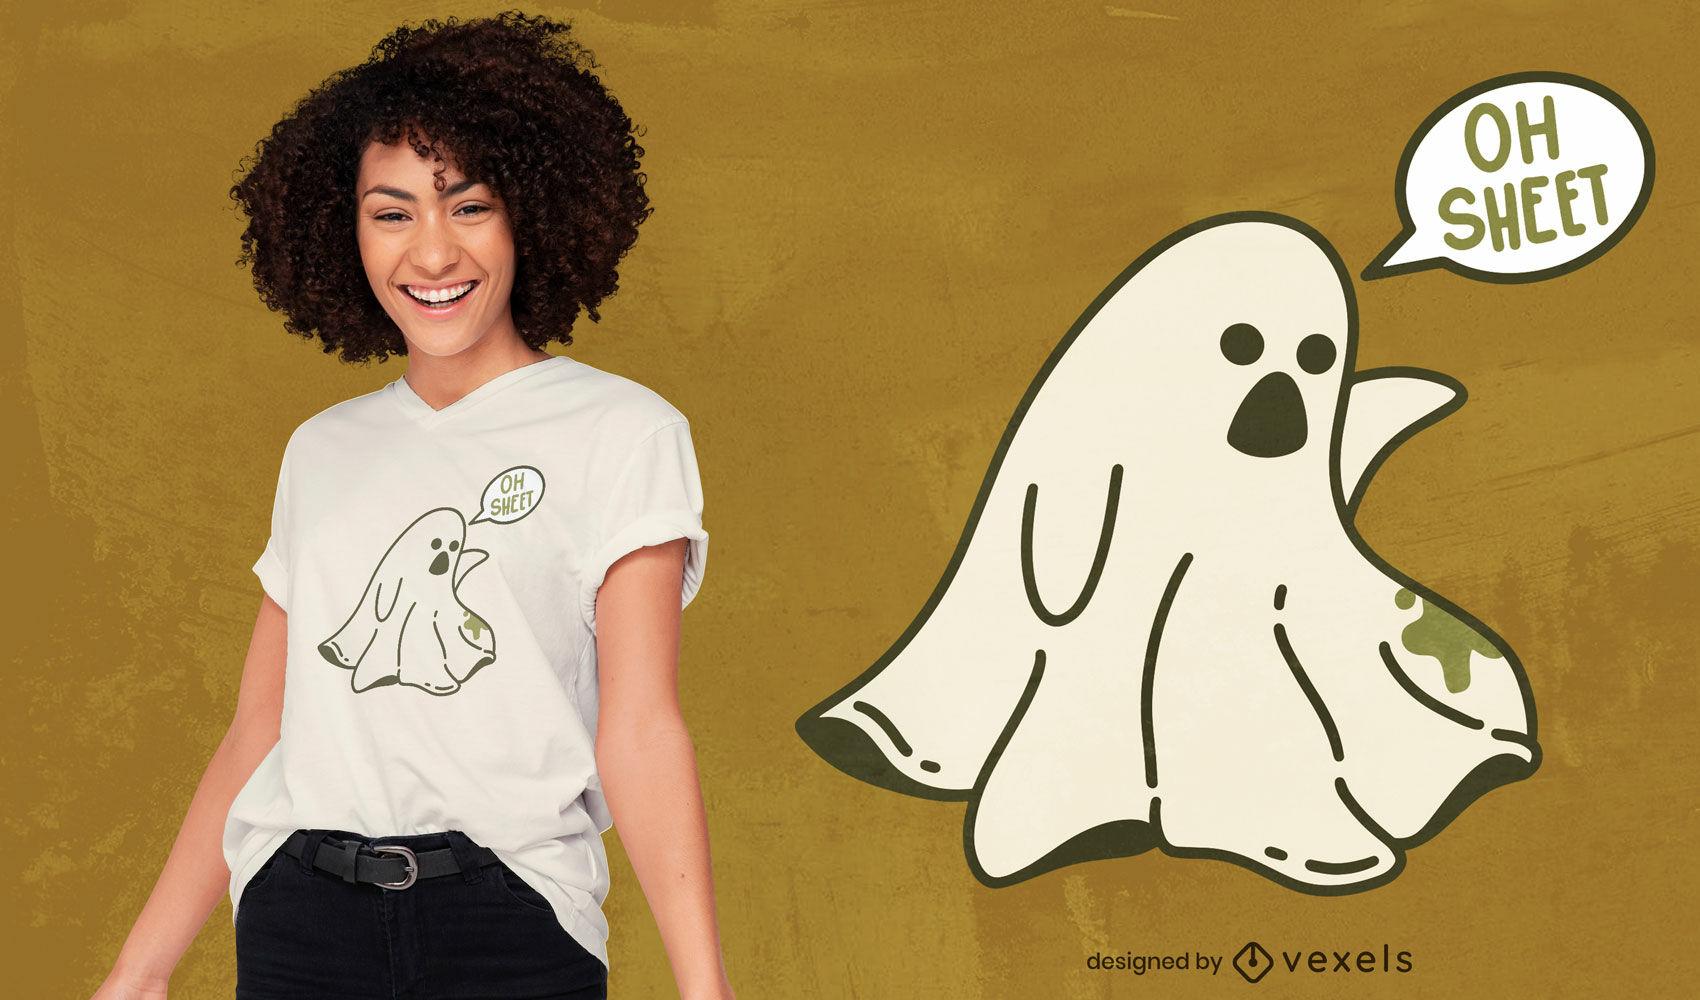 Dise?o de camiseta de dibujos animados divertido juego de palabras fantasma